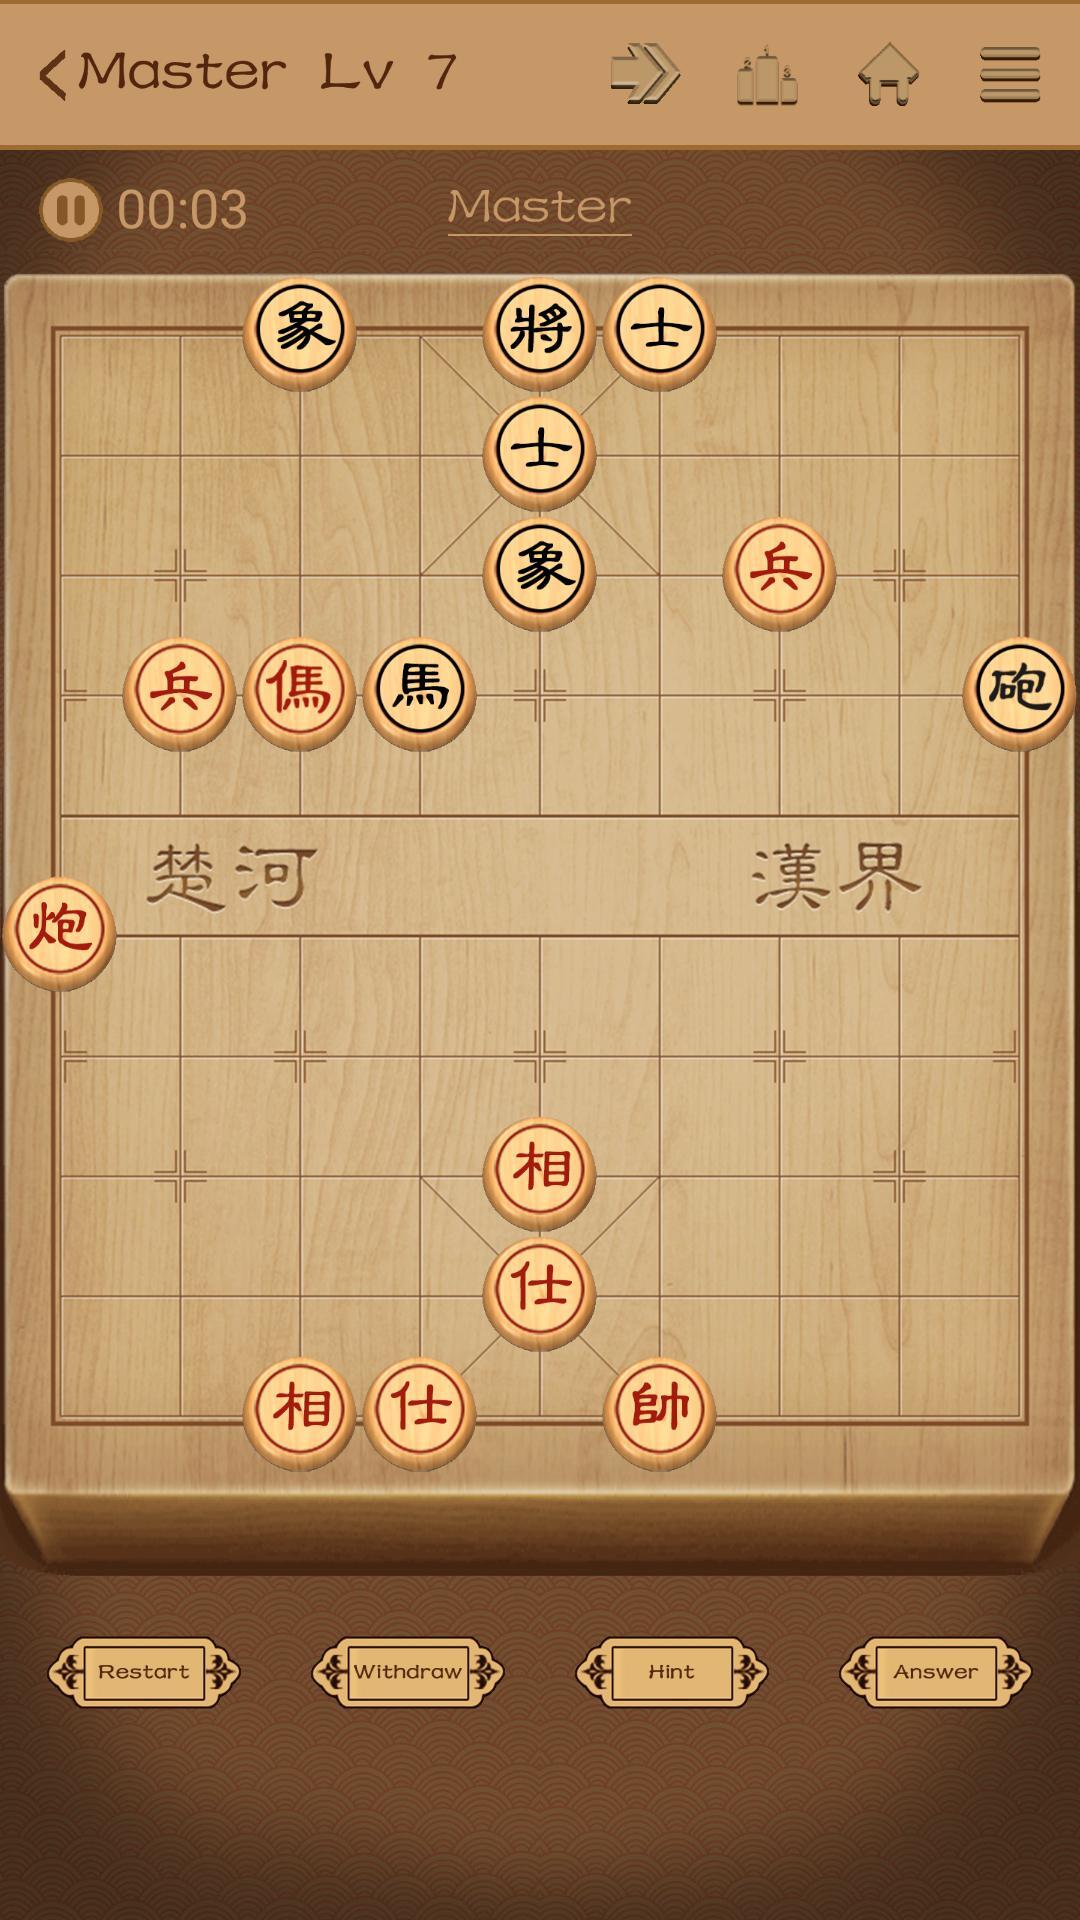 Chinese Chess from beginner to master 1.6.2 Screenshot 15